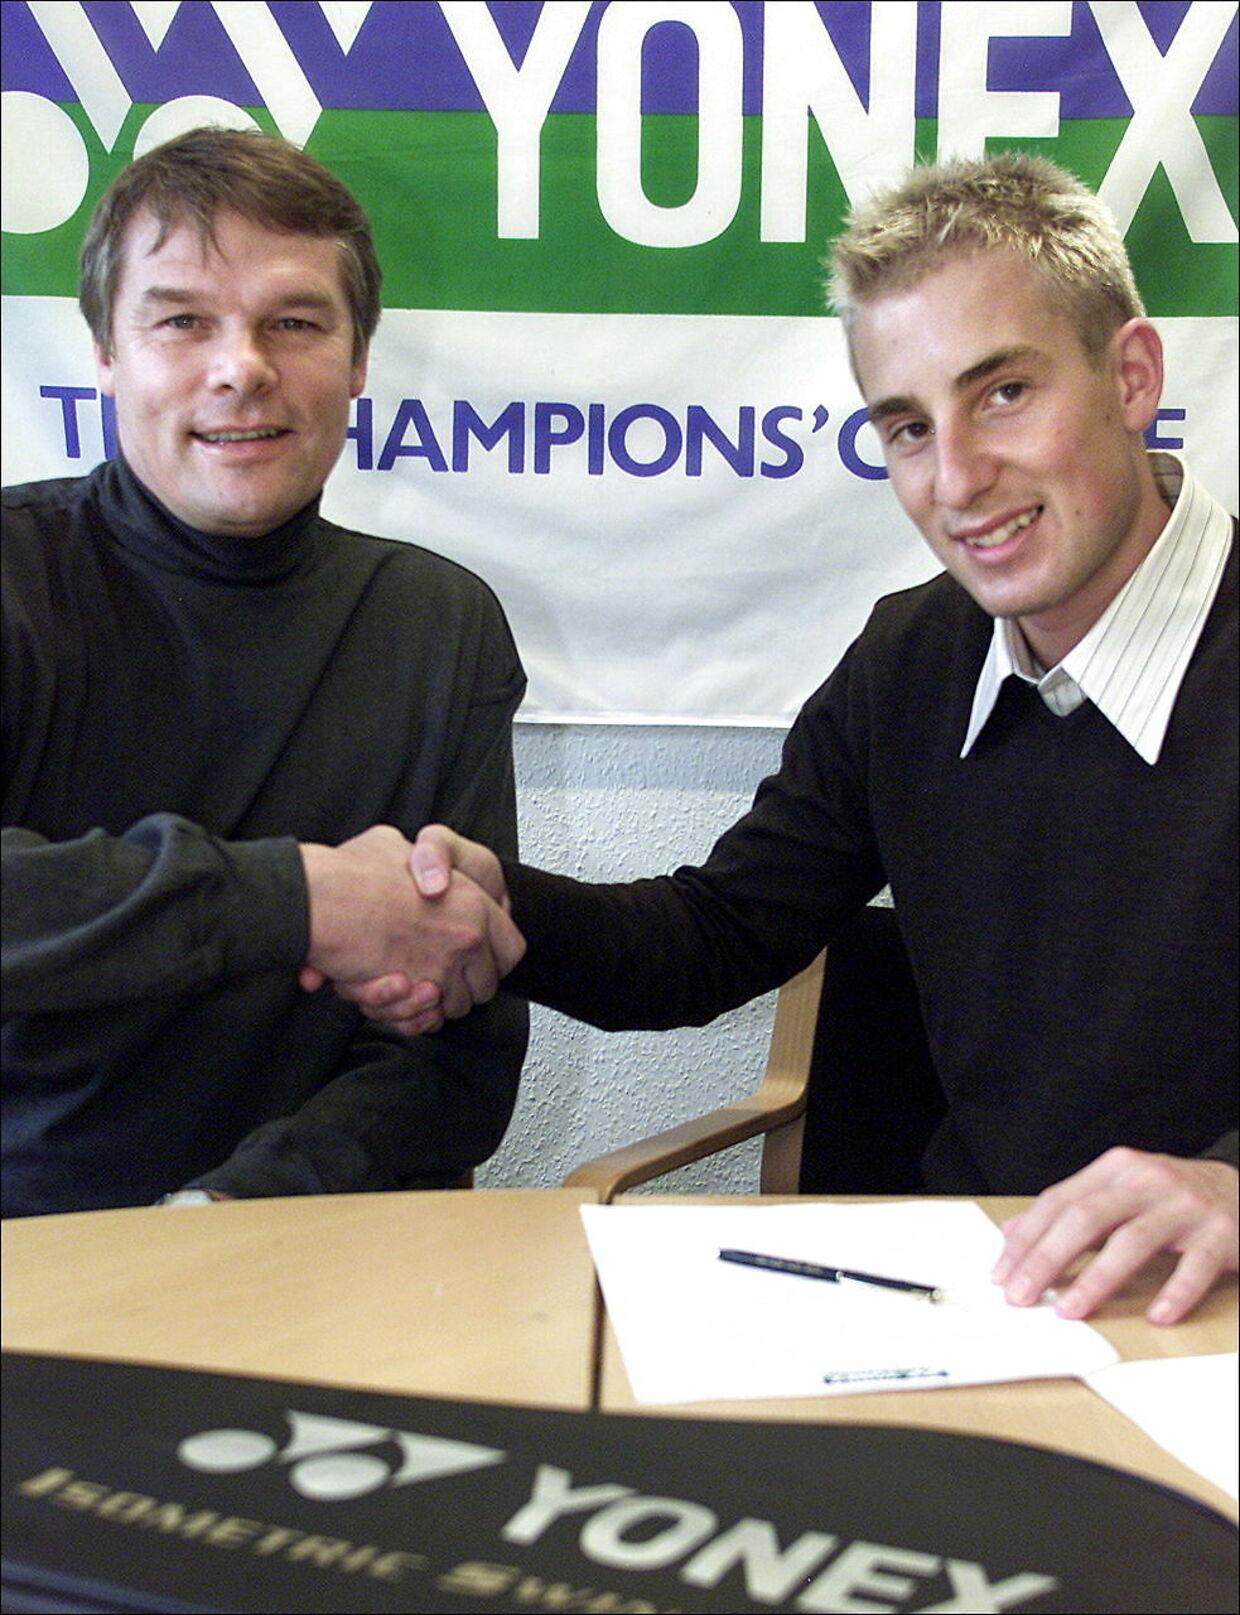 Yonex Scandinavias danske direktør Benni Holst-Andersen sammen med den tidligere verdensrangliste-etter i herresingle Peter Gade.